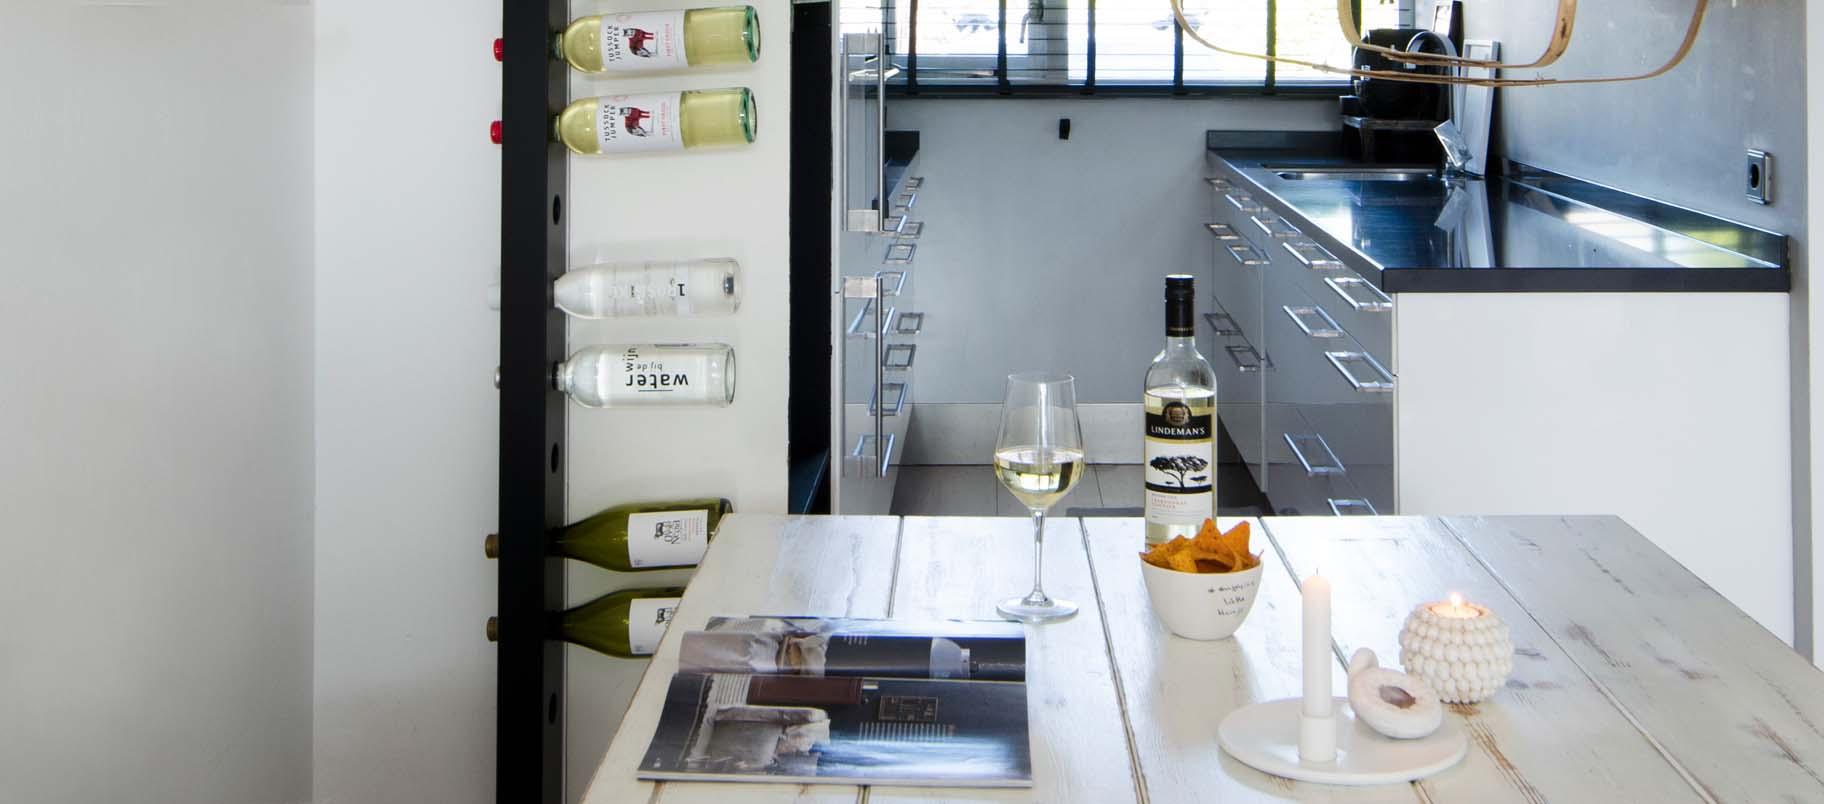 Wijnpaal wijnrek keuken Vanessa Ploeg